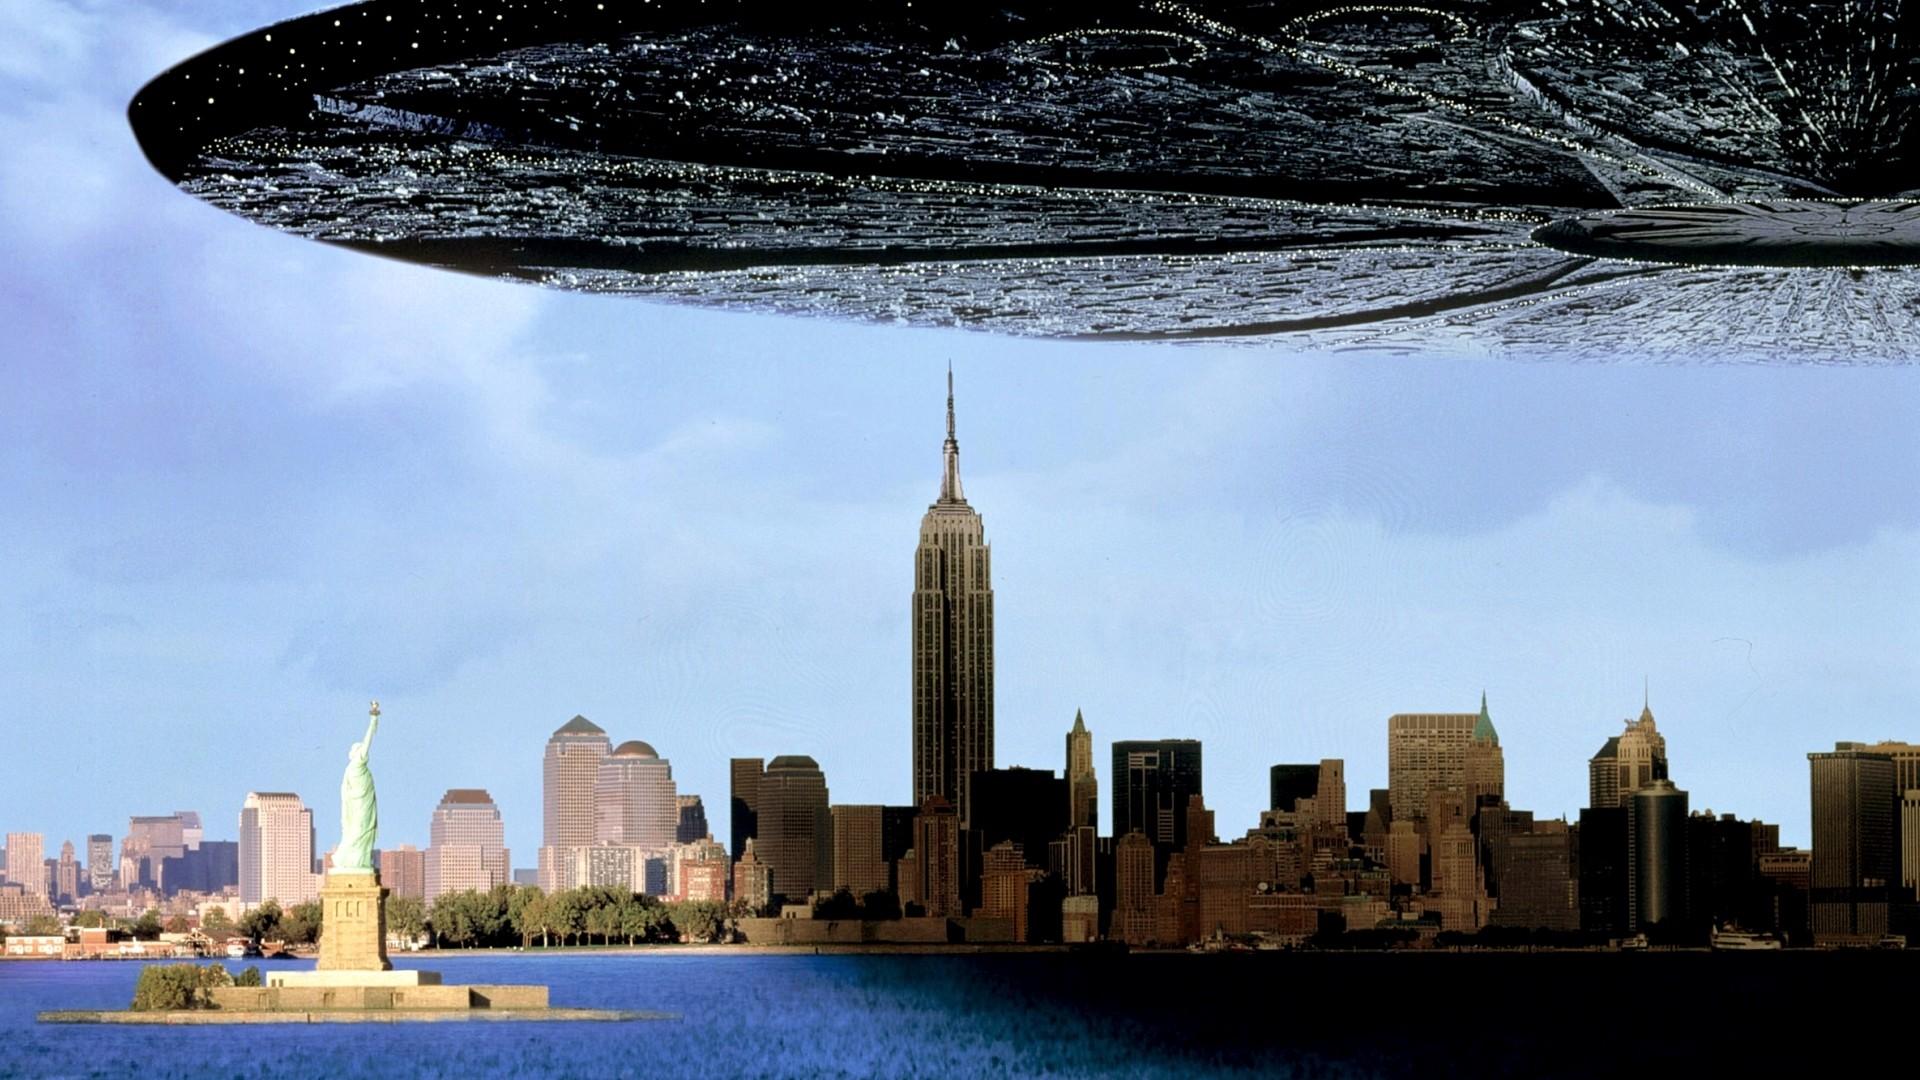 Zwei Tage vor dem amerikanischen UnabhŠngigkeitstag tauchen Ÿberall auf der Erde riesige Raumschiffe auf und beginnen mit der systematischen Vernichtung des Planeten.